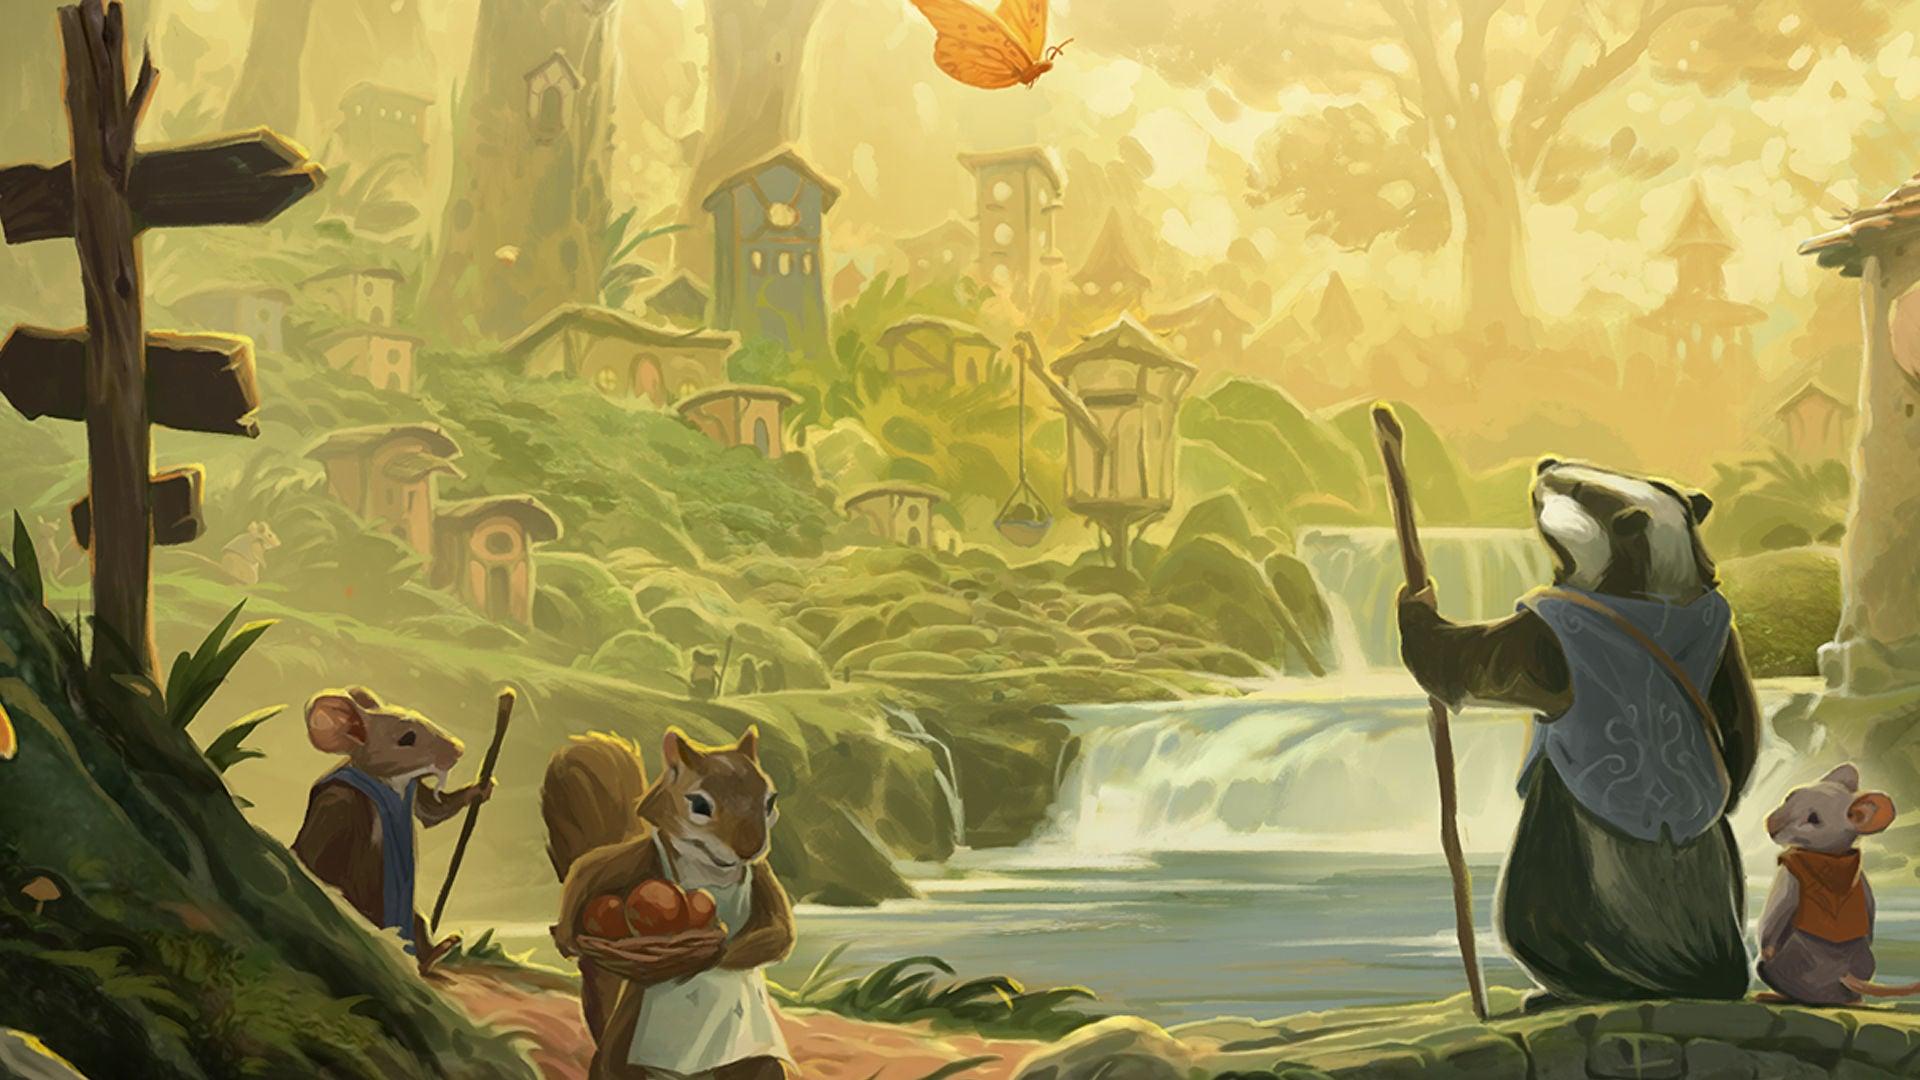 everdell-board-game-artwork.jpg